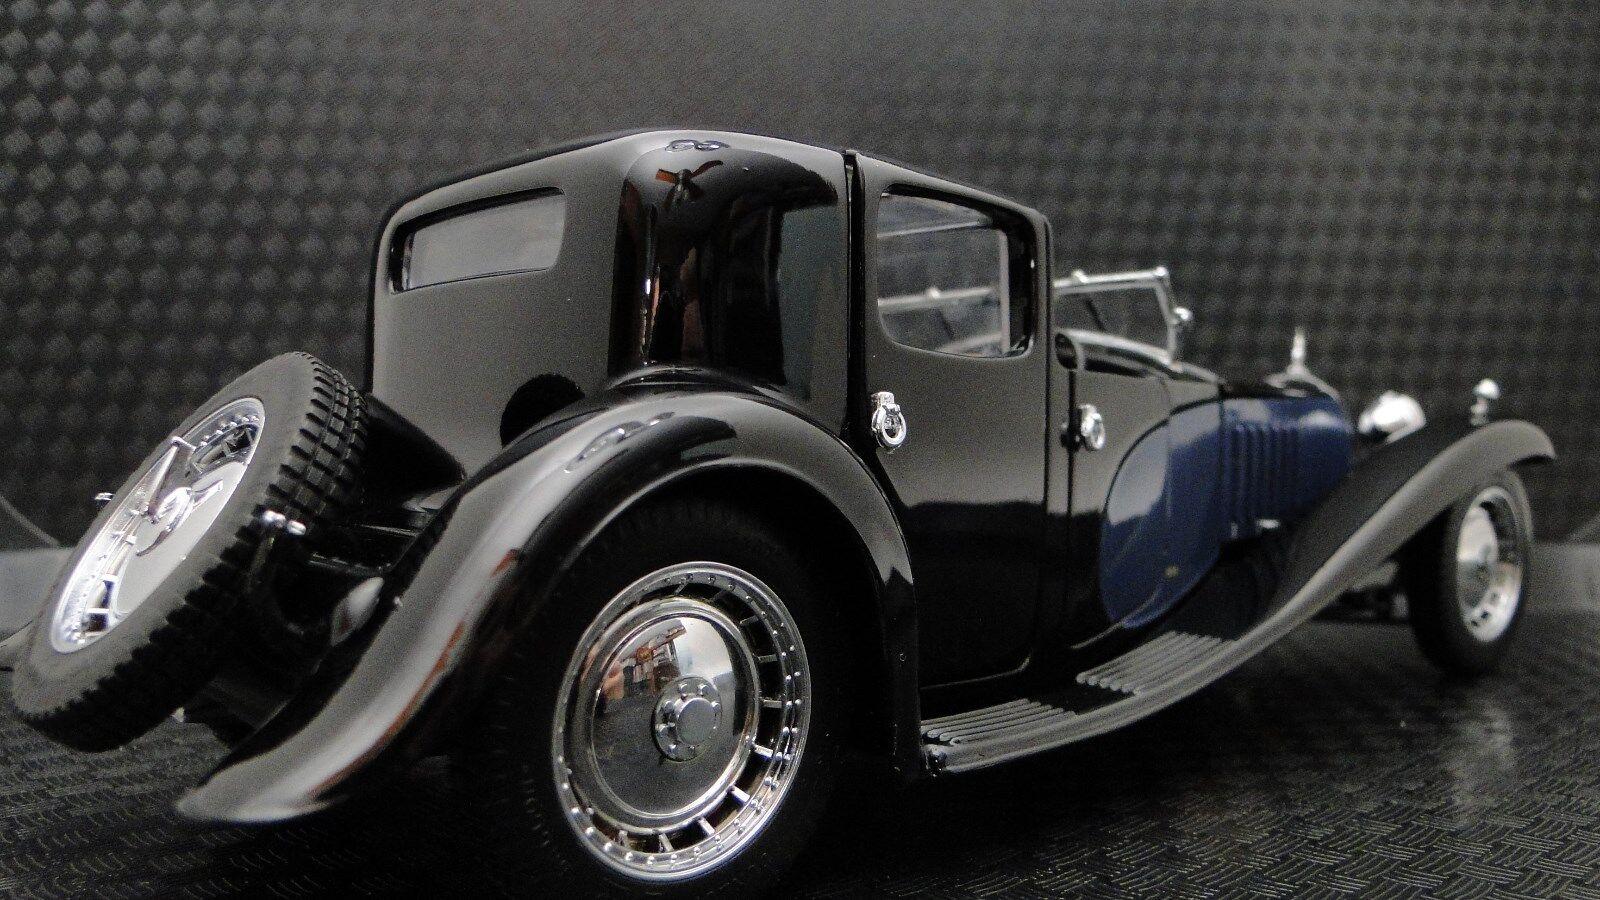 Car Cadillac 1 Race Built 1932 Vintage Antique 24 Concept 25 Model